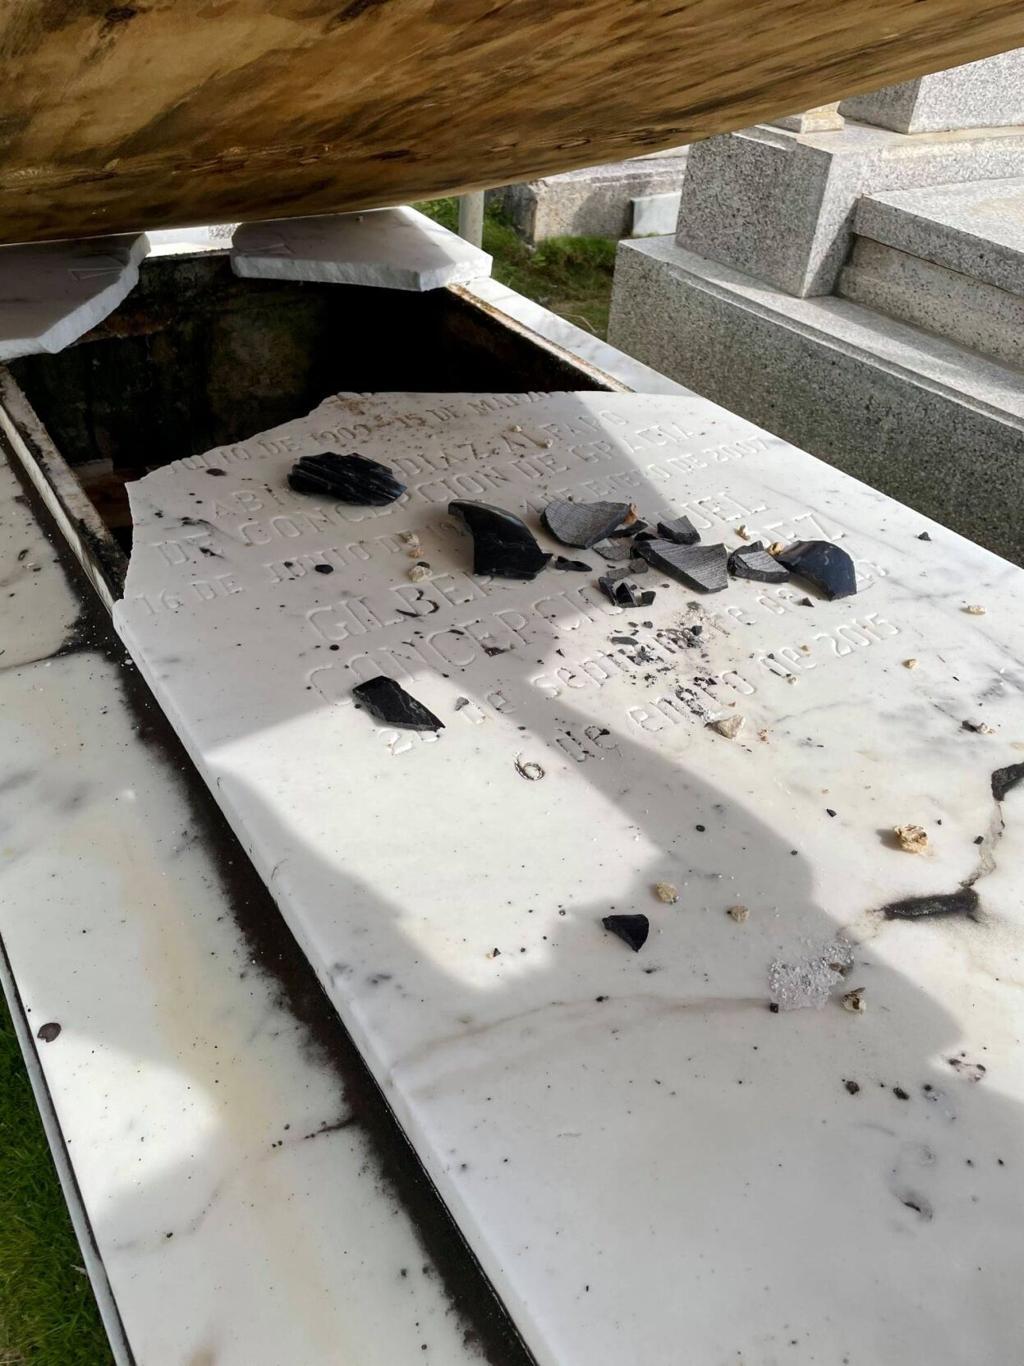 60c78ff004072.image - Destrucción en Cementerio Santa María Magdalena de Pazzis